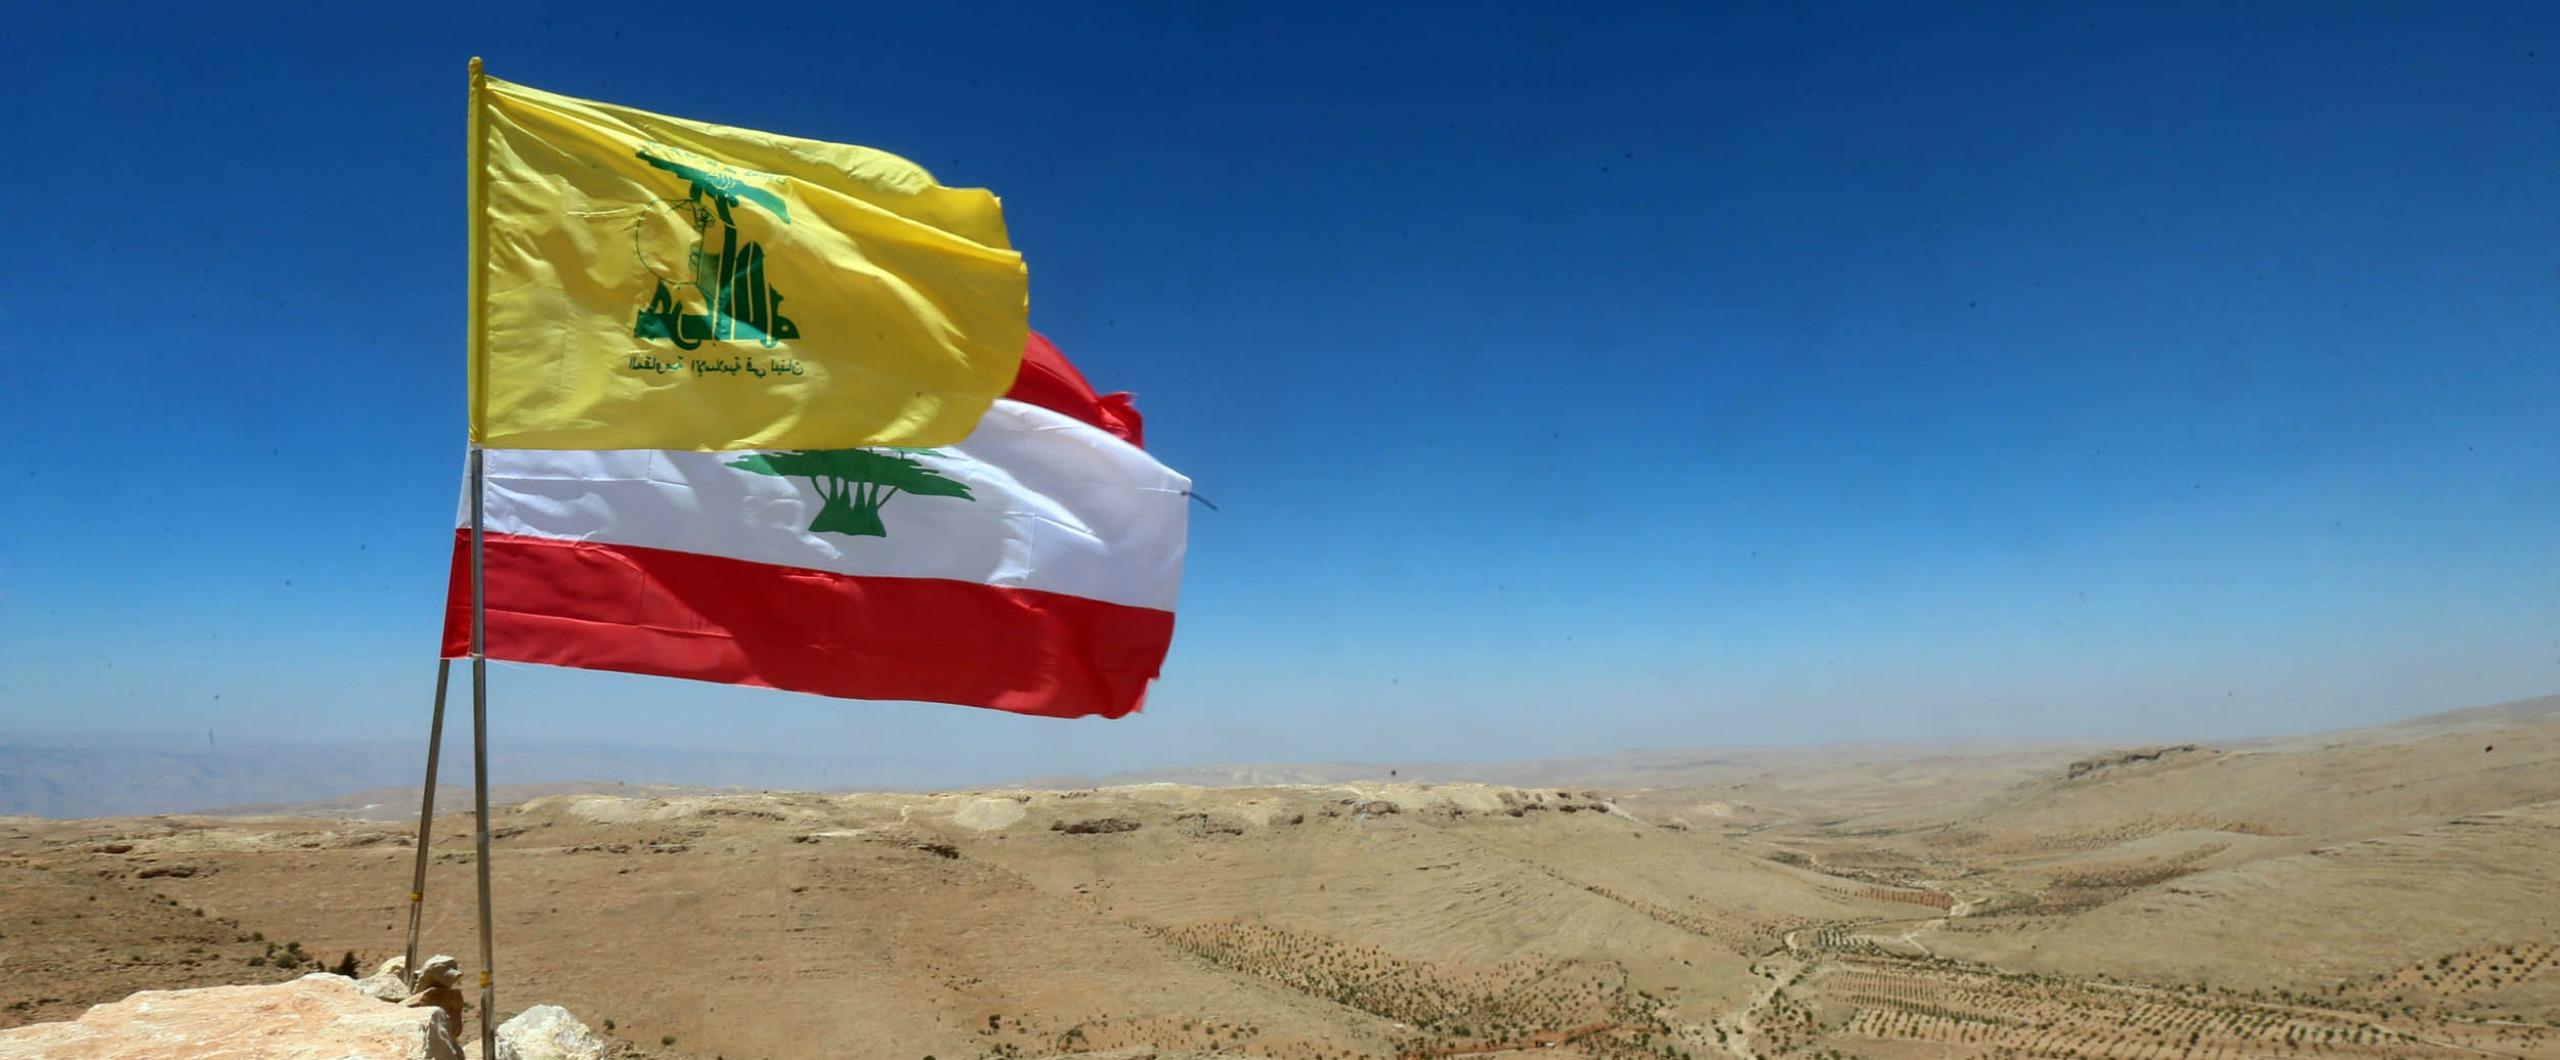 Λίβανος: πορτοκαλί αντεπανάσταση στον απόηχο της τραγωδίας